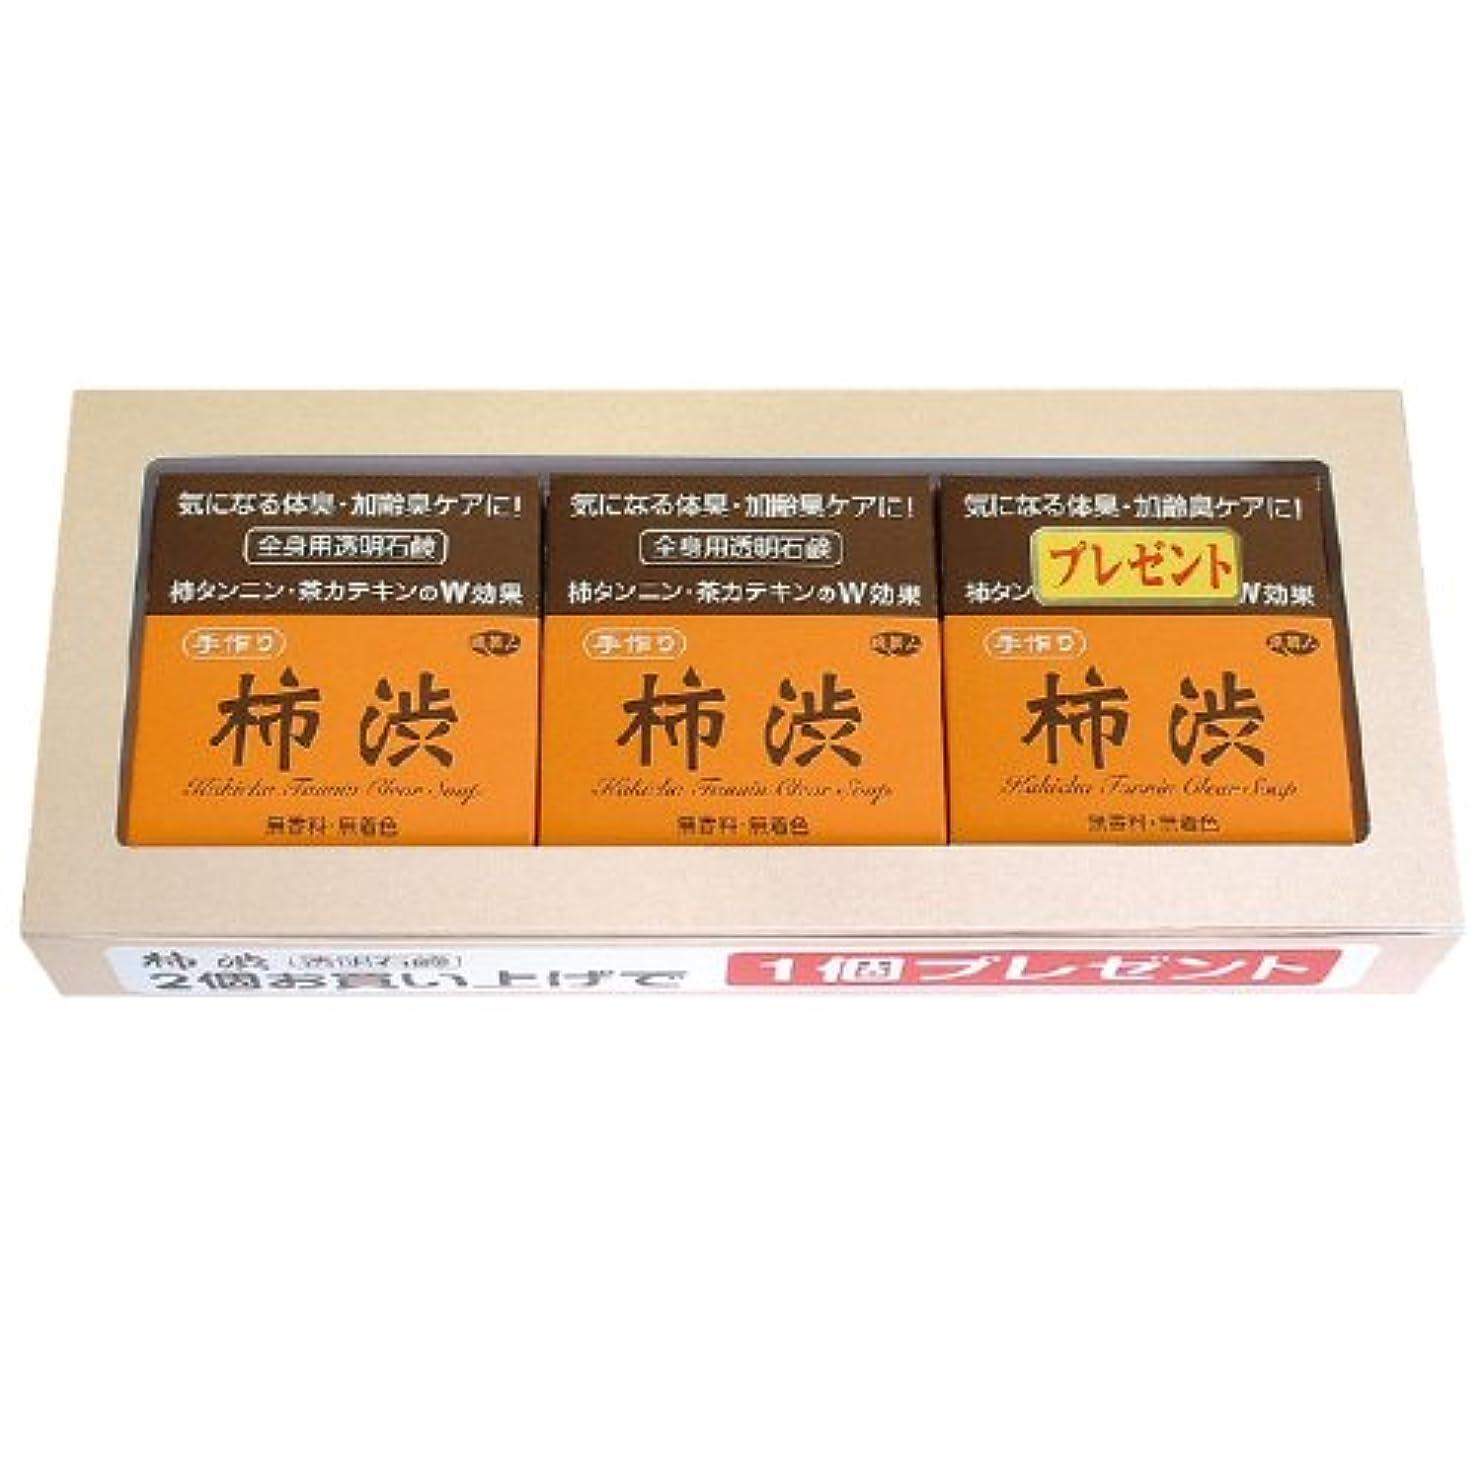 ふざけた赤字提案アズマ商事の 柿渋透明石鹸 2個の値段で3個入りセット